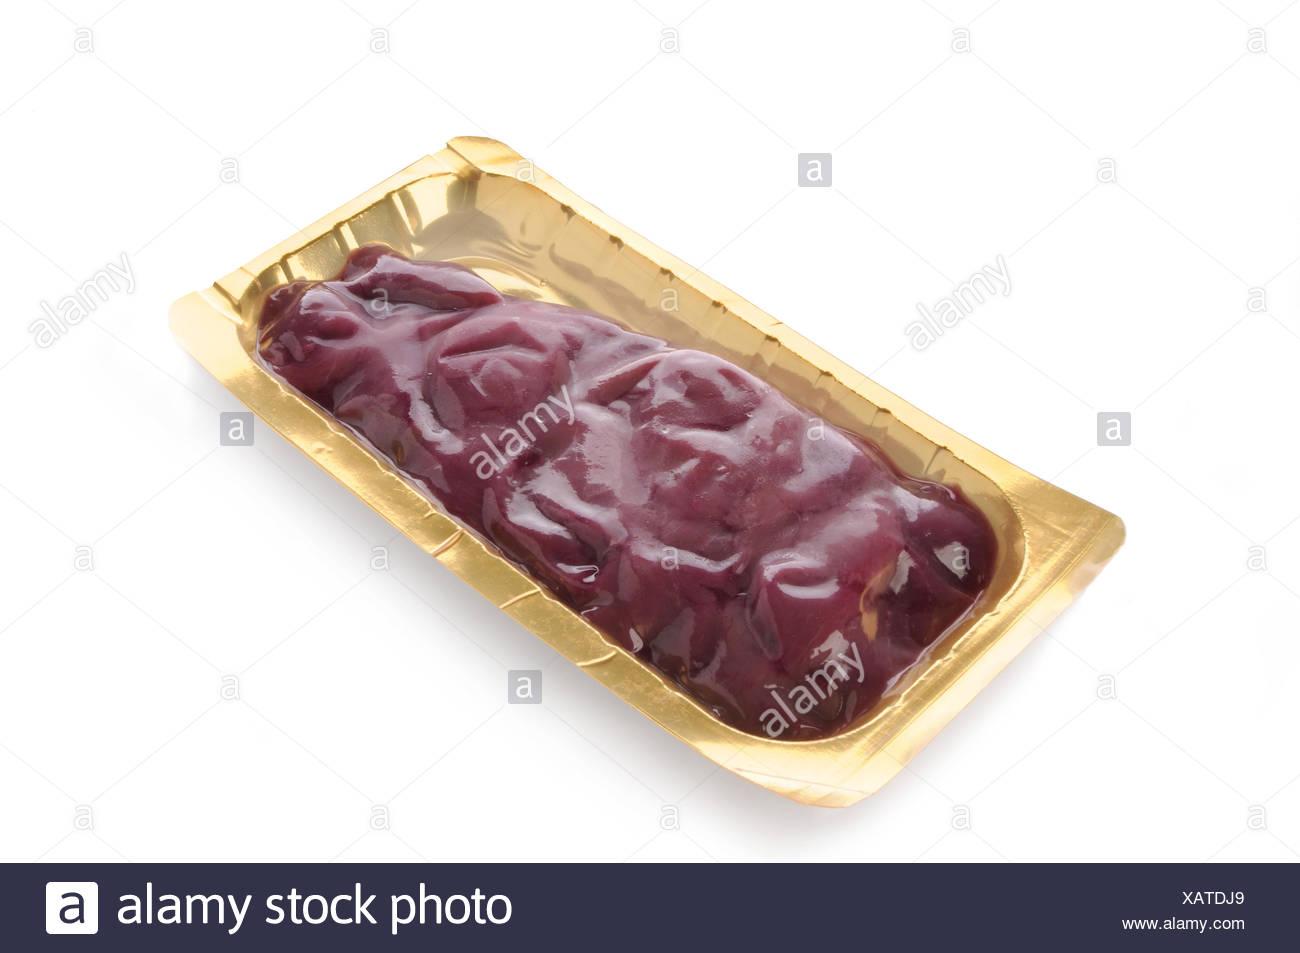 roe-deer stroganoff skin pack - Stock Image